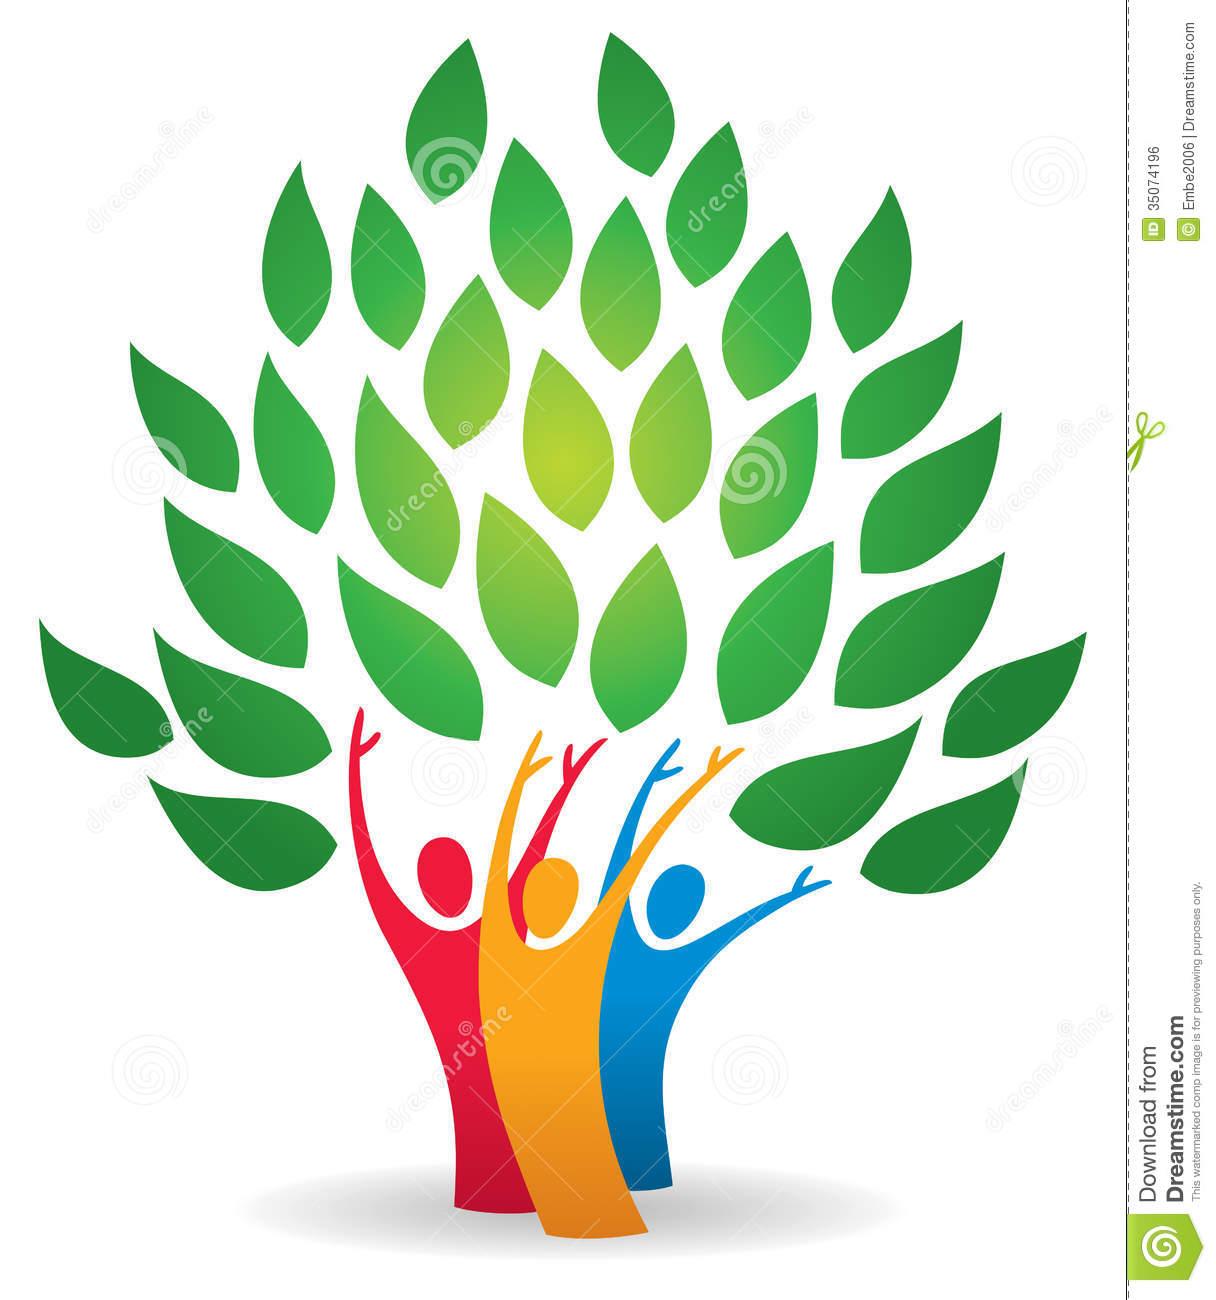 Family Tree Logo Royalty Free Stock Image.